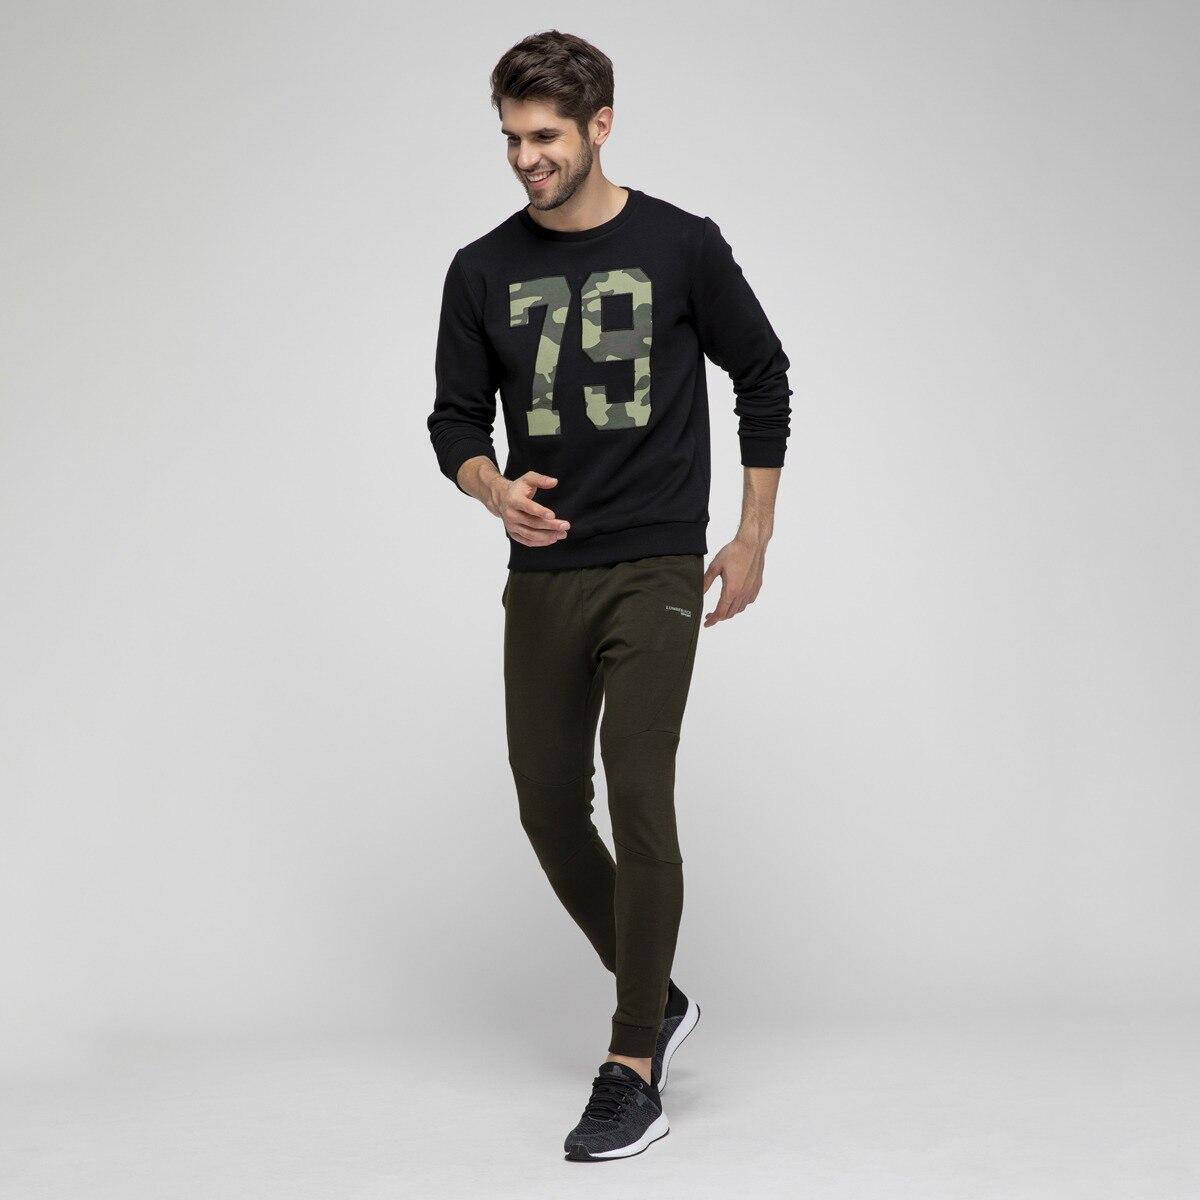 FLO BLACK PANT Khaki Male Pantalon LUMBERJACK